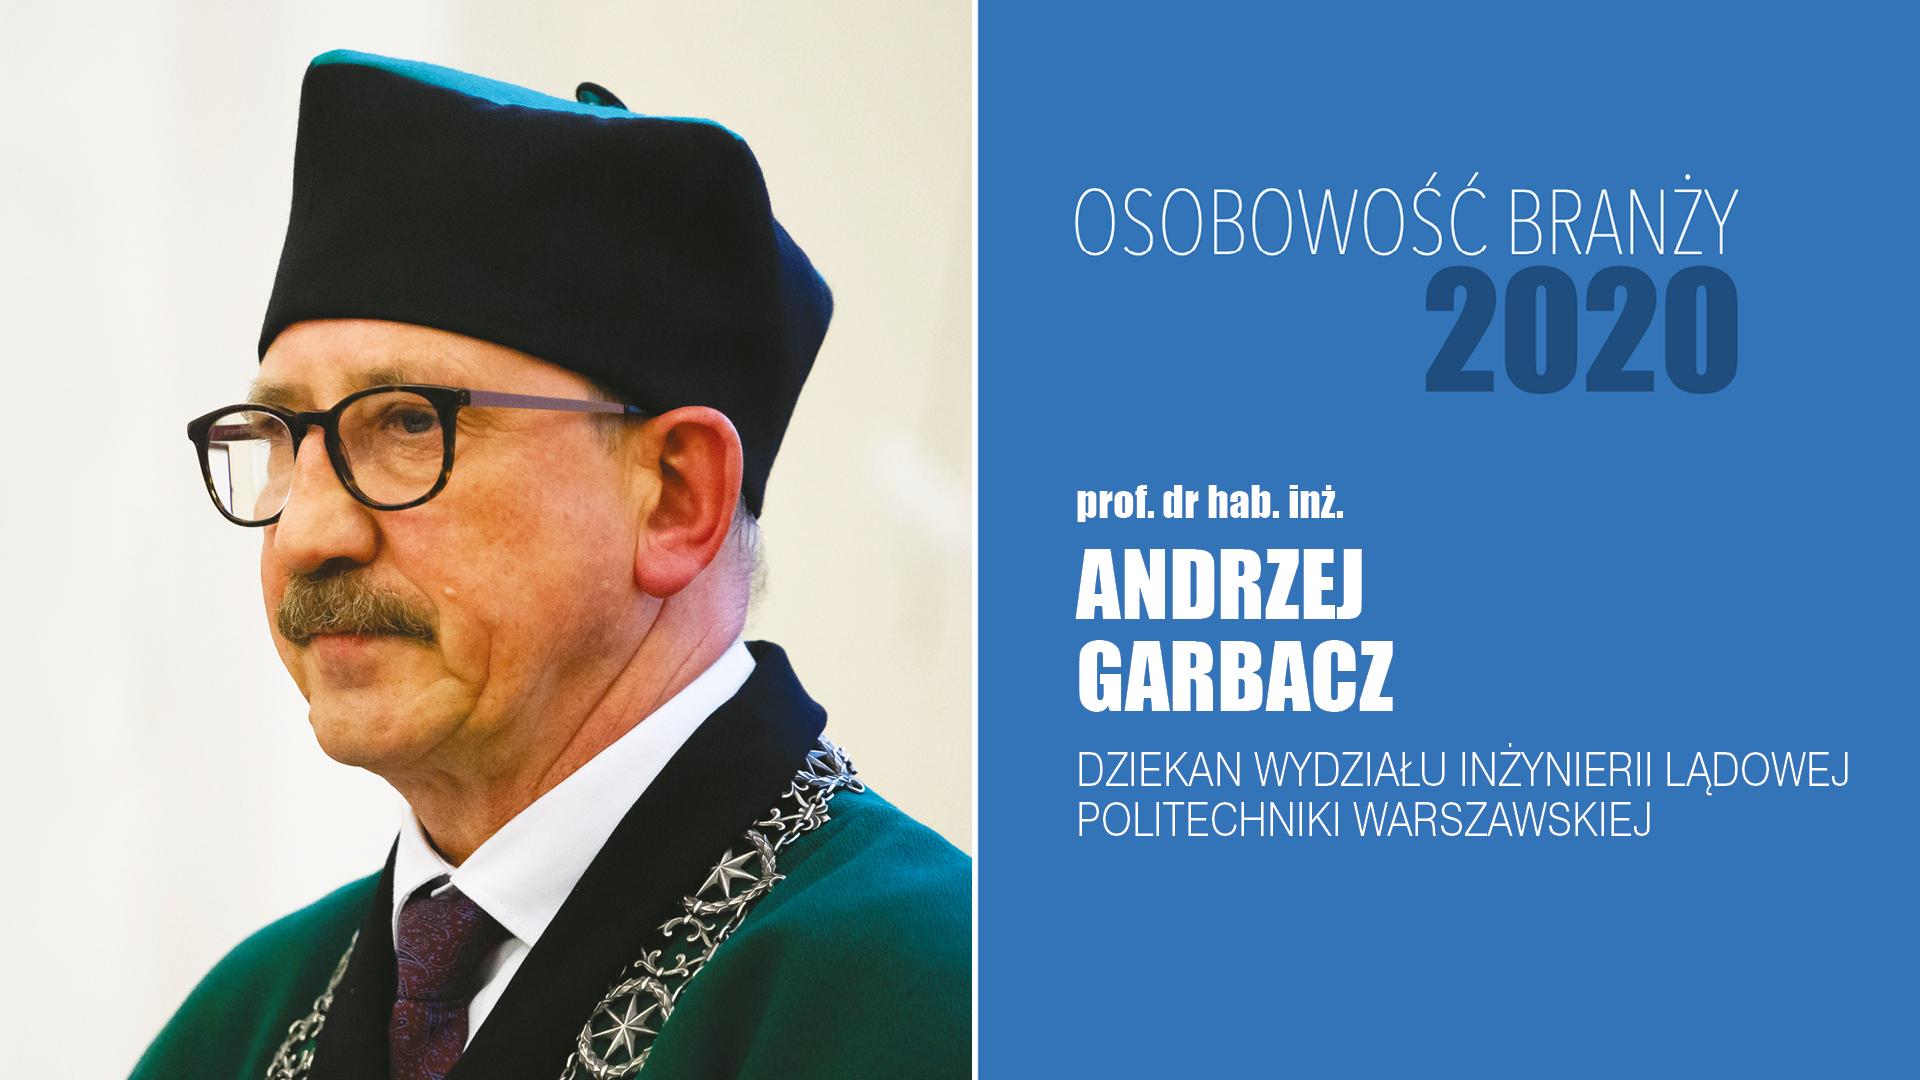 prof. dr hab. inż. Andrzej Garbacz